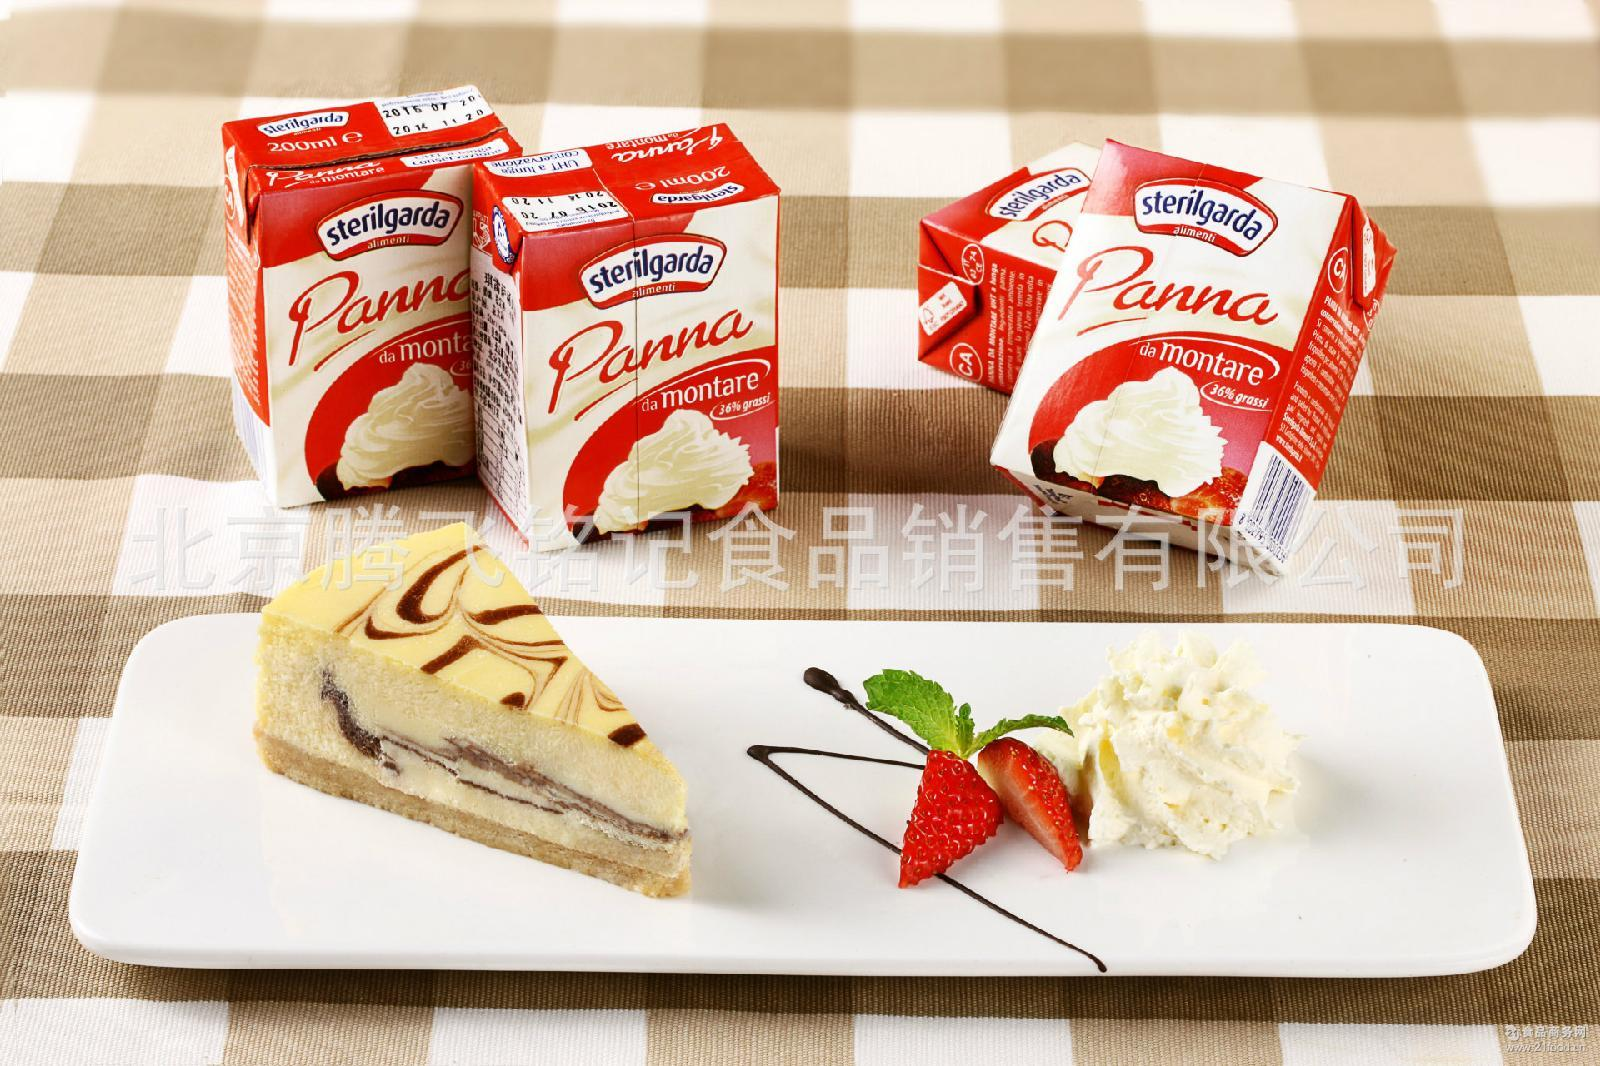 好打发蛋糕烘焙原料 意大利进口琪雷萨淡奶油 稀奶油200ml